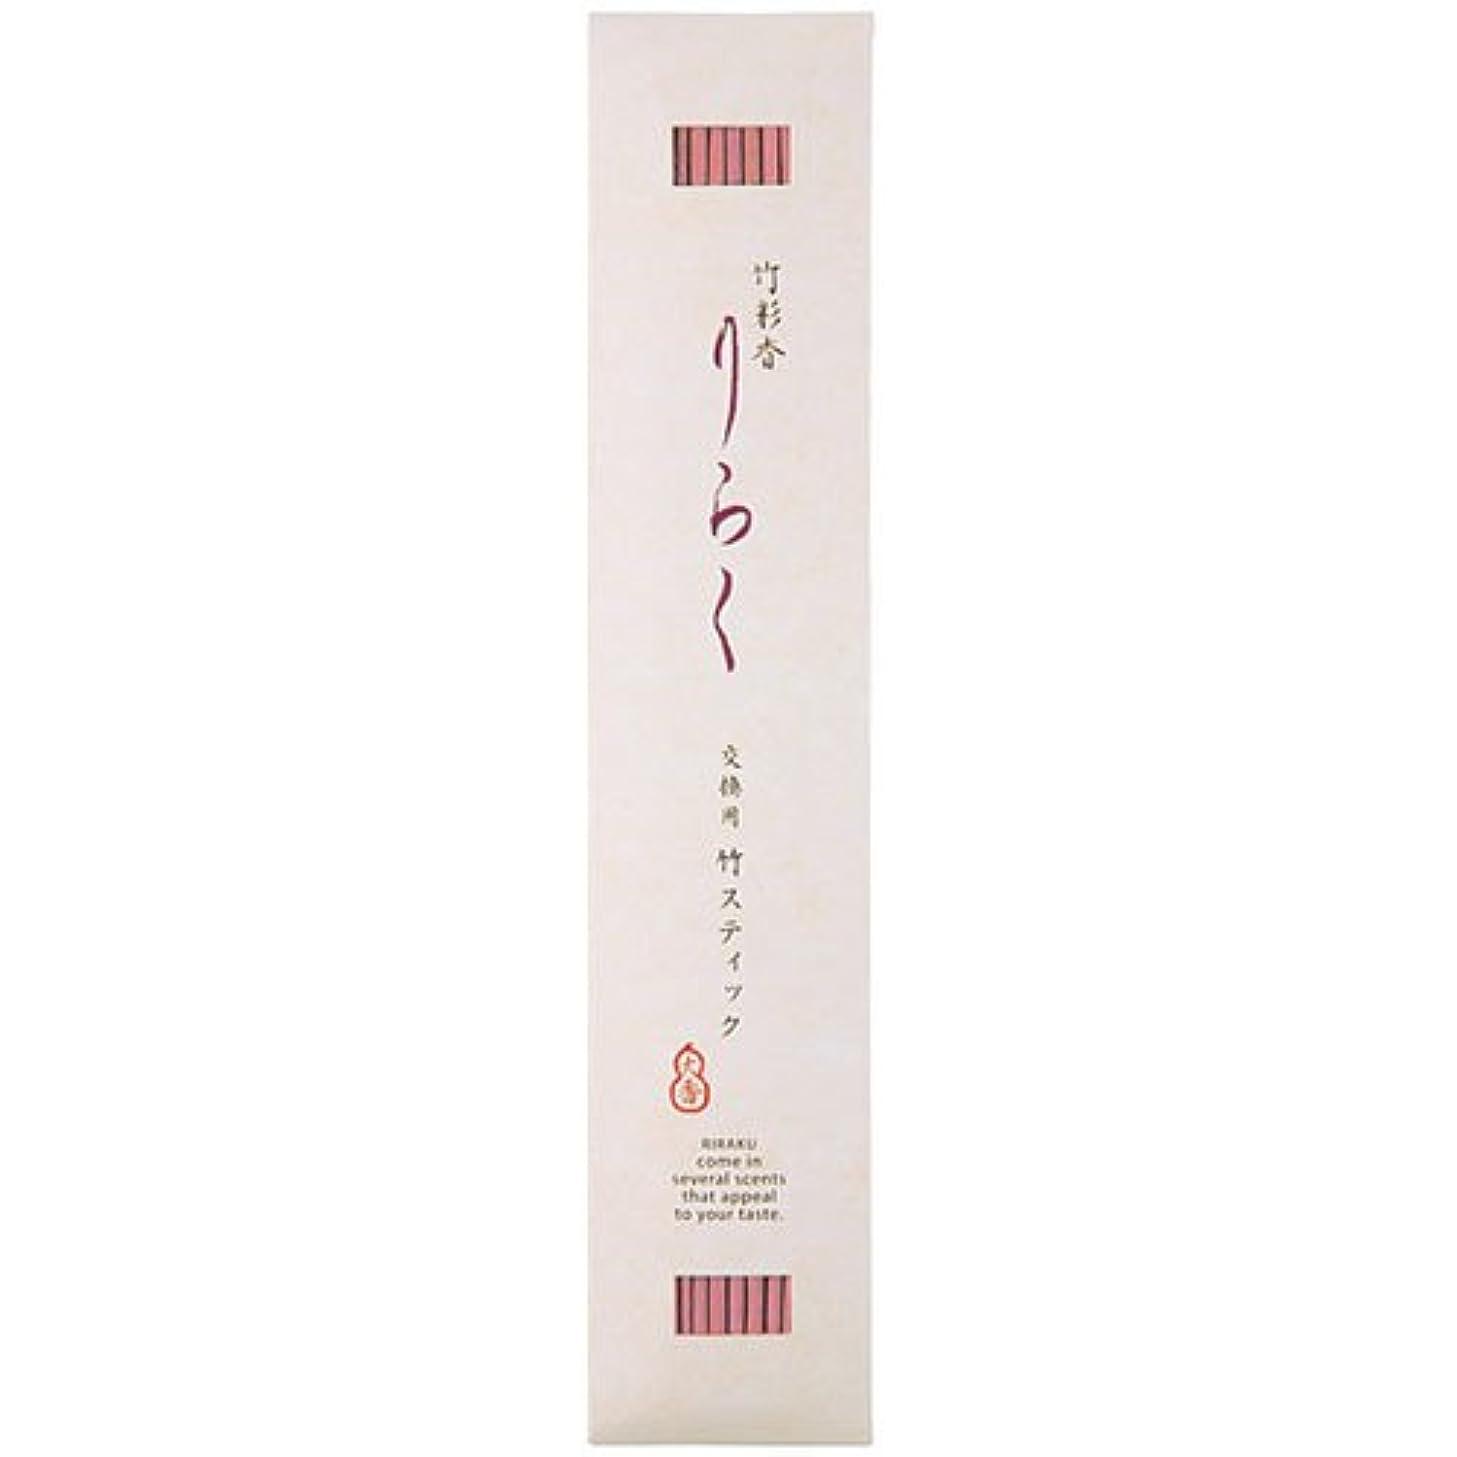 行列ポテトスリップシューズ竹彩香りらく 交換用竹スティックさくらの色 10本